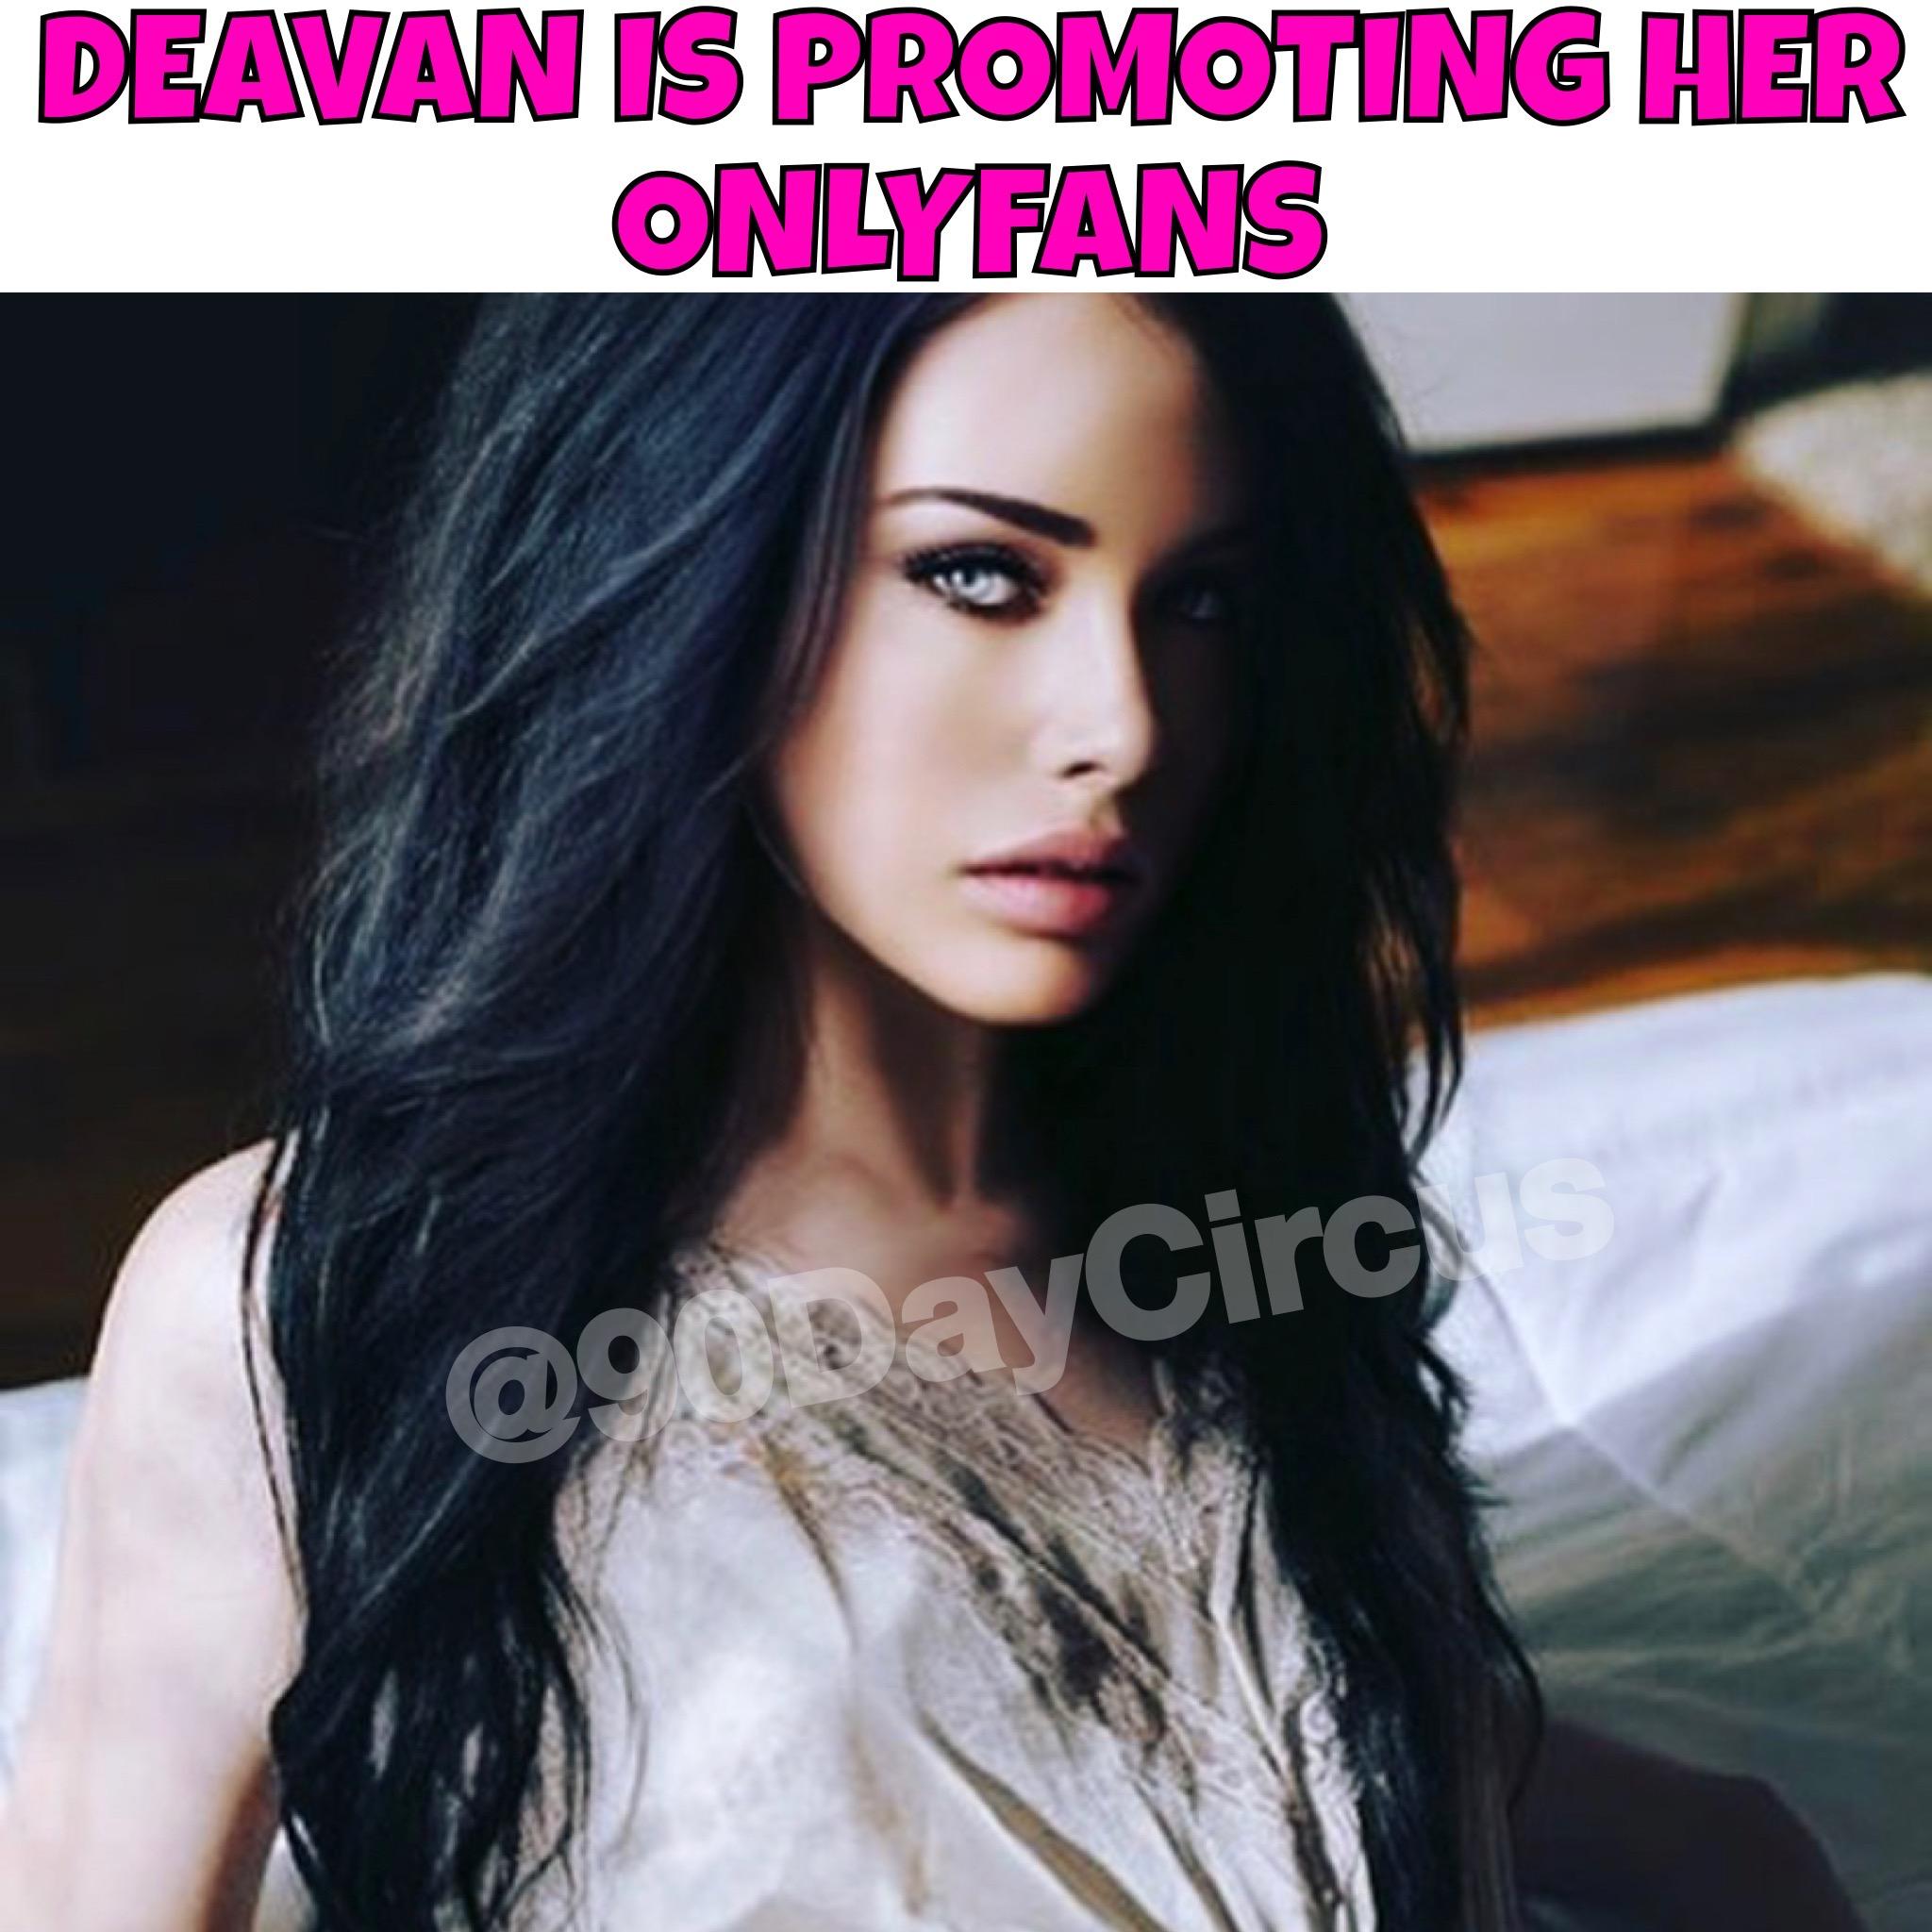 deavan only fans